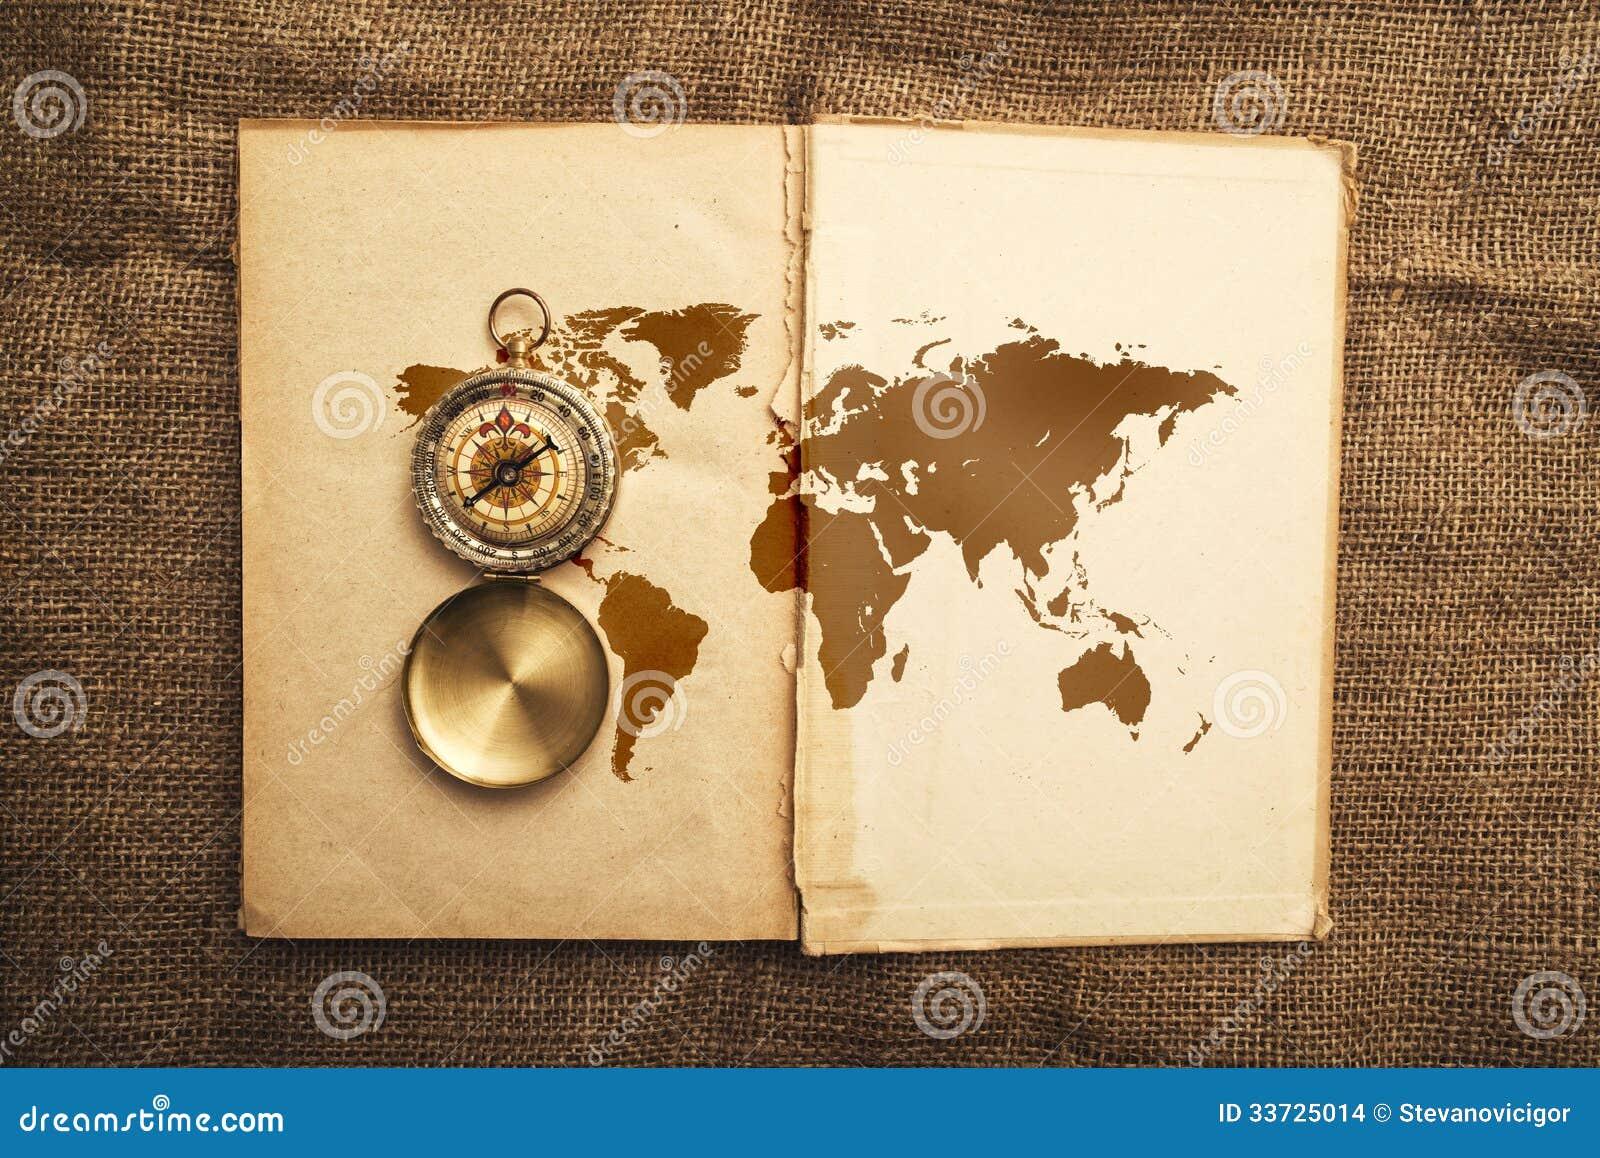 vieux livre ouvert avec la carte de boussole et du monde. Black Bedroom Furniture Sets. Home Design Ideas